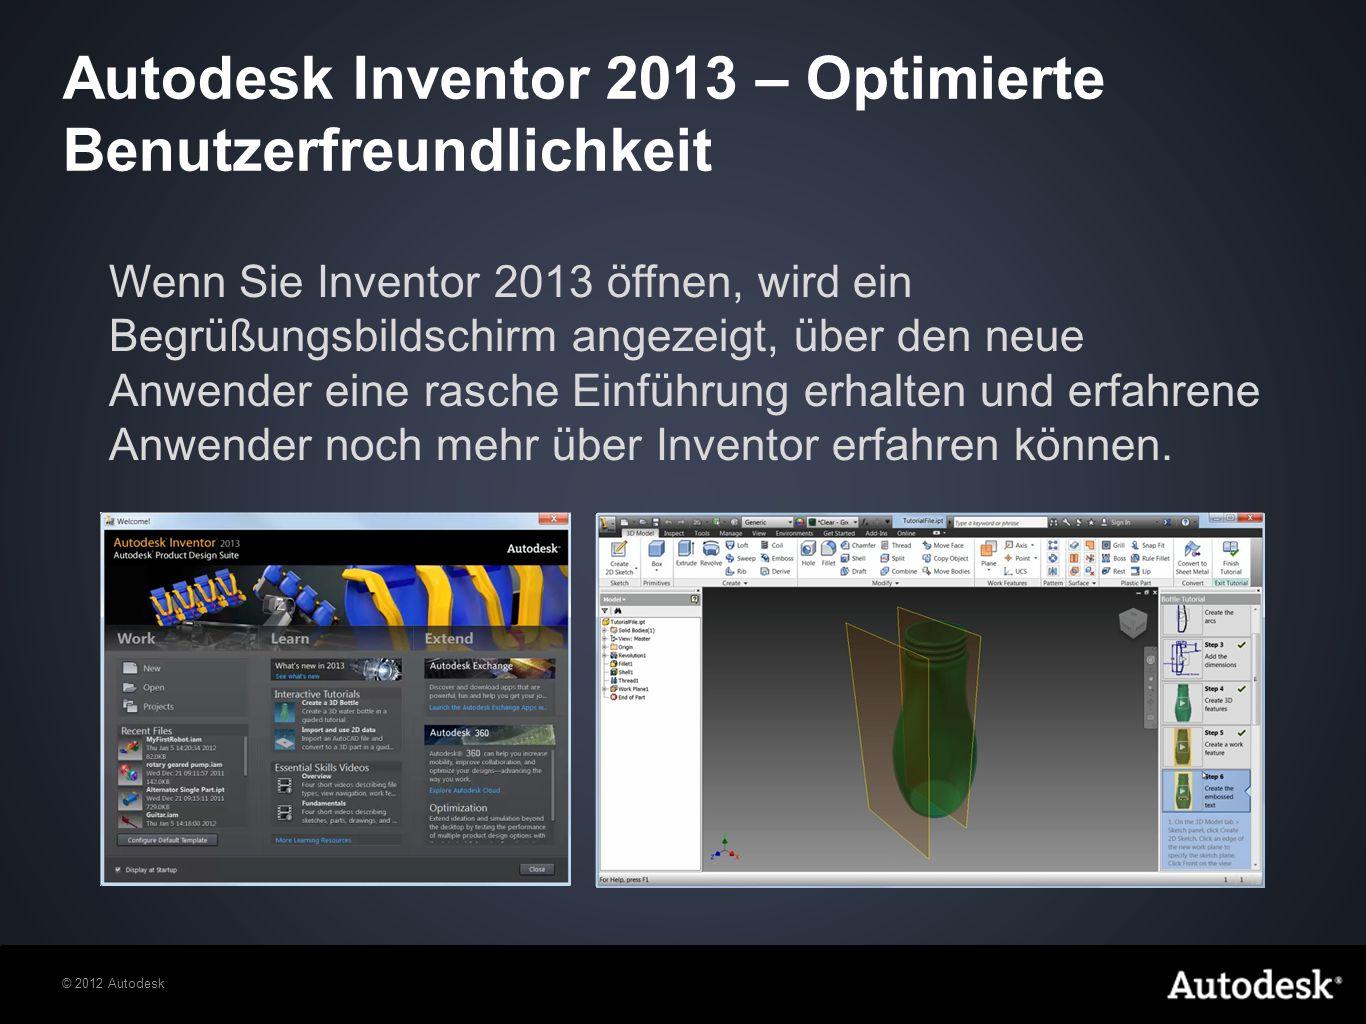 © 2012 Autodesk Autodesk Inventor 2013 – Optimierte Benutzerfreundlichkeit Wenn Sie Inventor 2013 öffnen, wird ein Begrüßungsbildschirm angezeigt, über den neue Anwender eine rasche Einführung erhalten und erfahrene Anwender noch mehr über Inventor erfahren können.